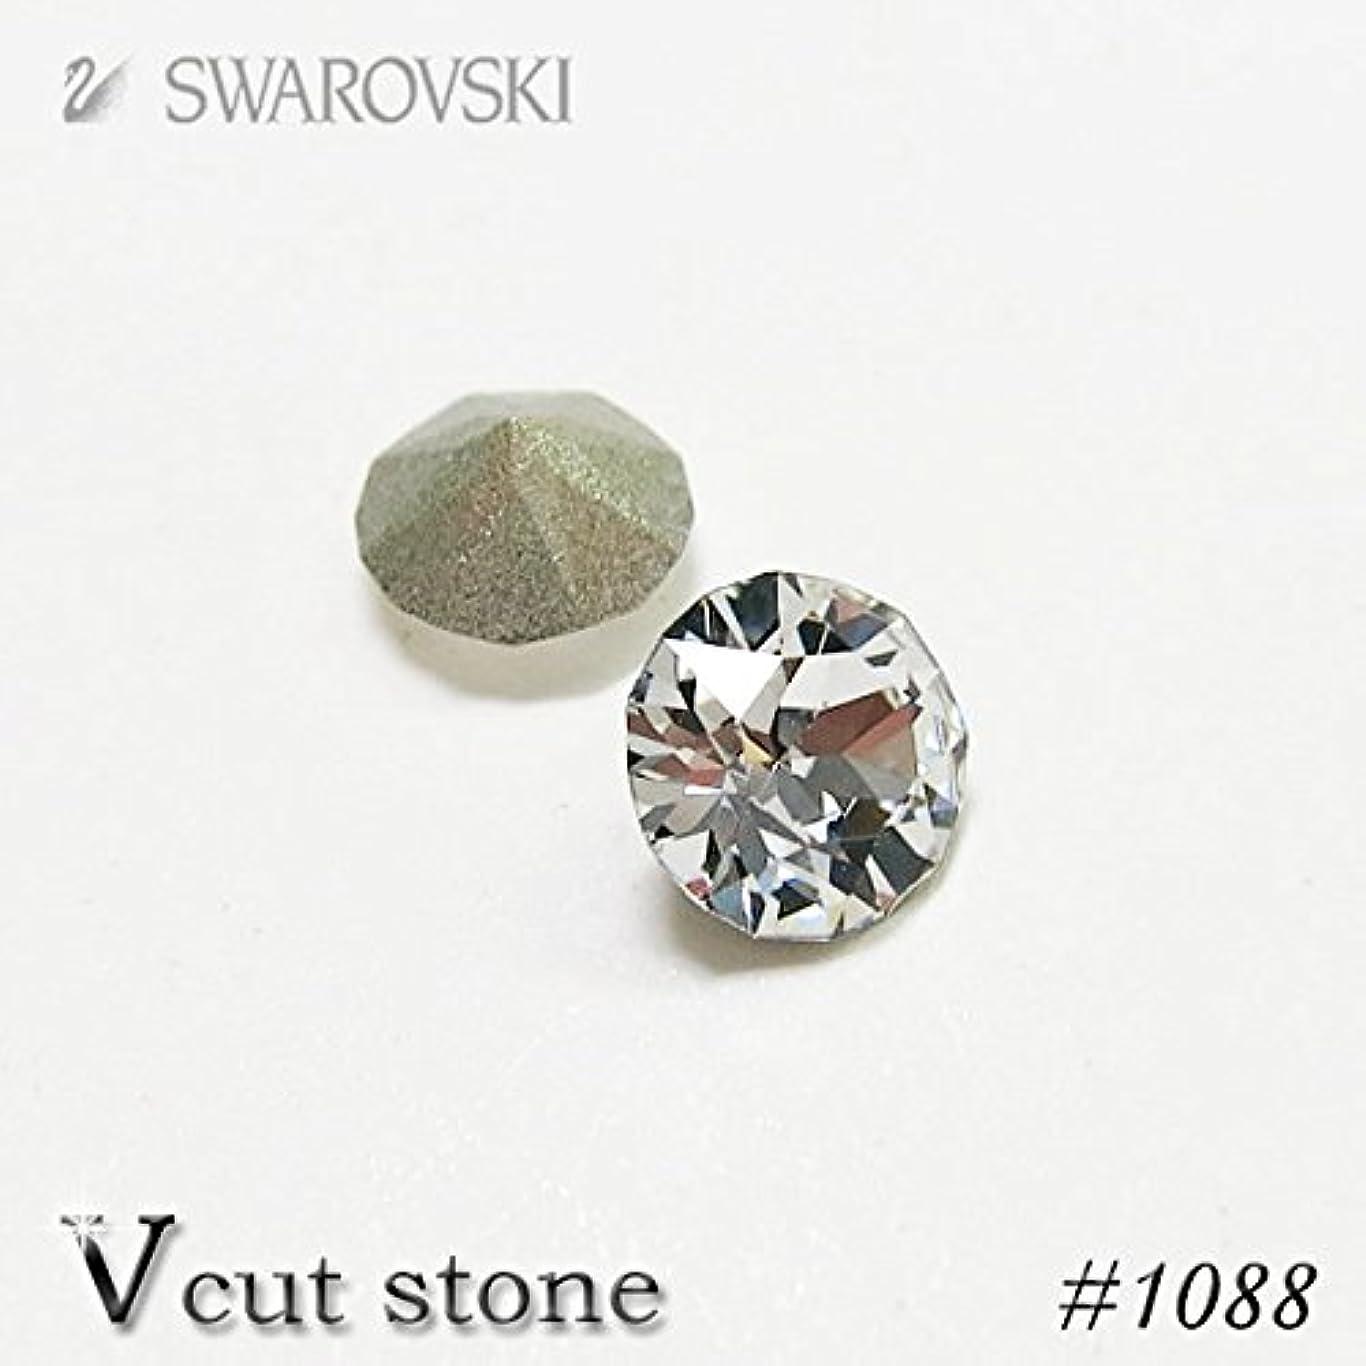 スワロフスキー Vカット 埋込型 #1028/#1088 ●ss24(約5.2mm) 5粒入 (クリスタル)